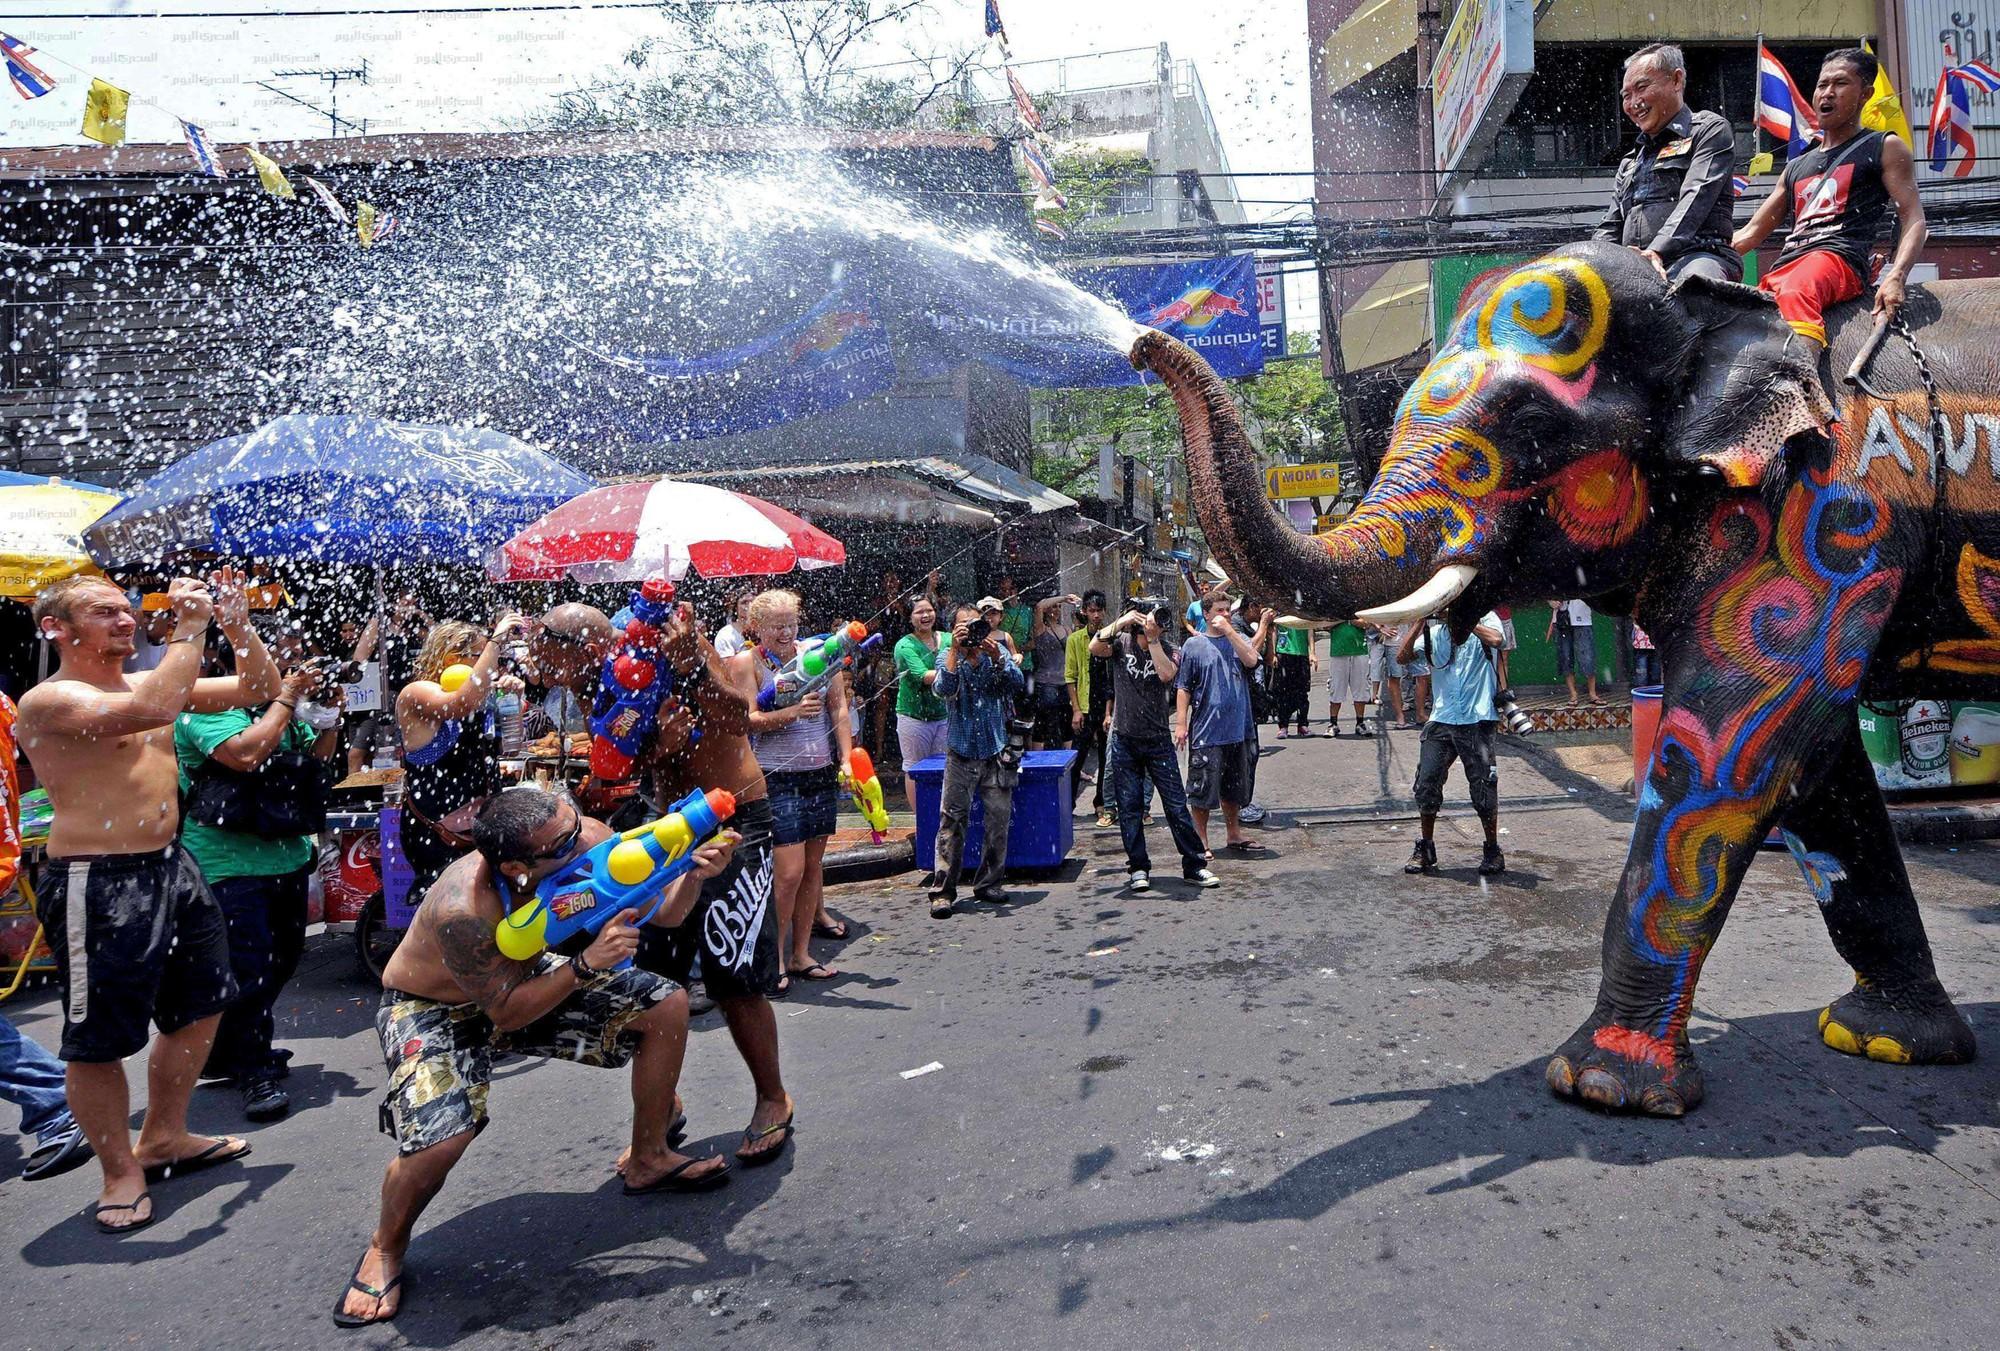 Lễ hội té nước Songkran: Đừng giữ mình khô ráo nếu muốn hưởng hạnh phúc! - Ảnh 12.